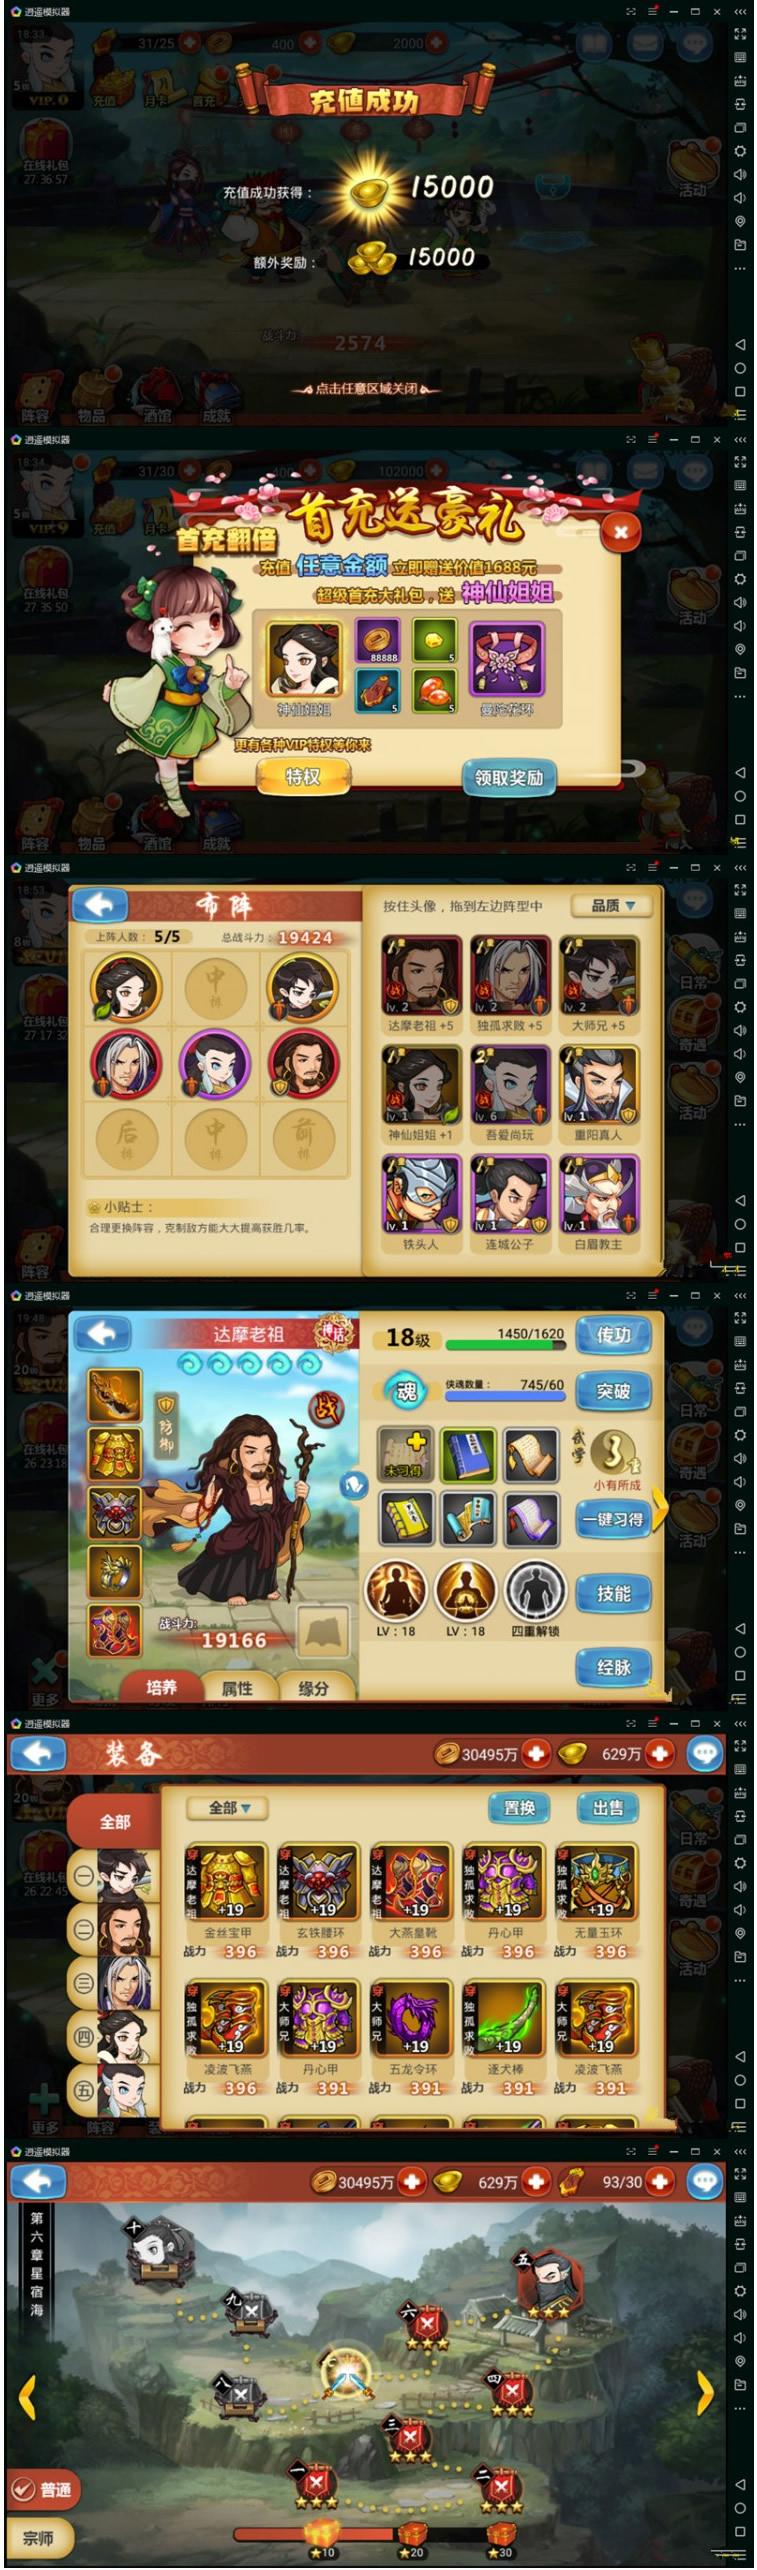 天书版江湖侠客令一键即玩游戏服务端 带GM后台工具+邮件工具+外网教程-爱资源分享